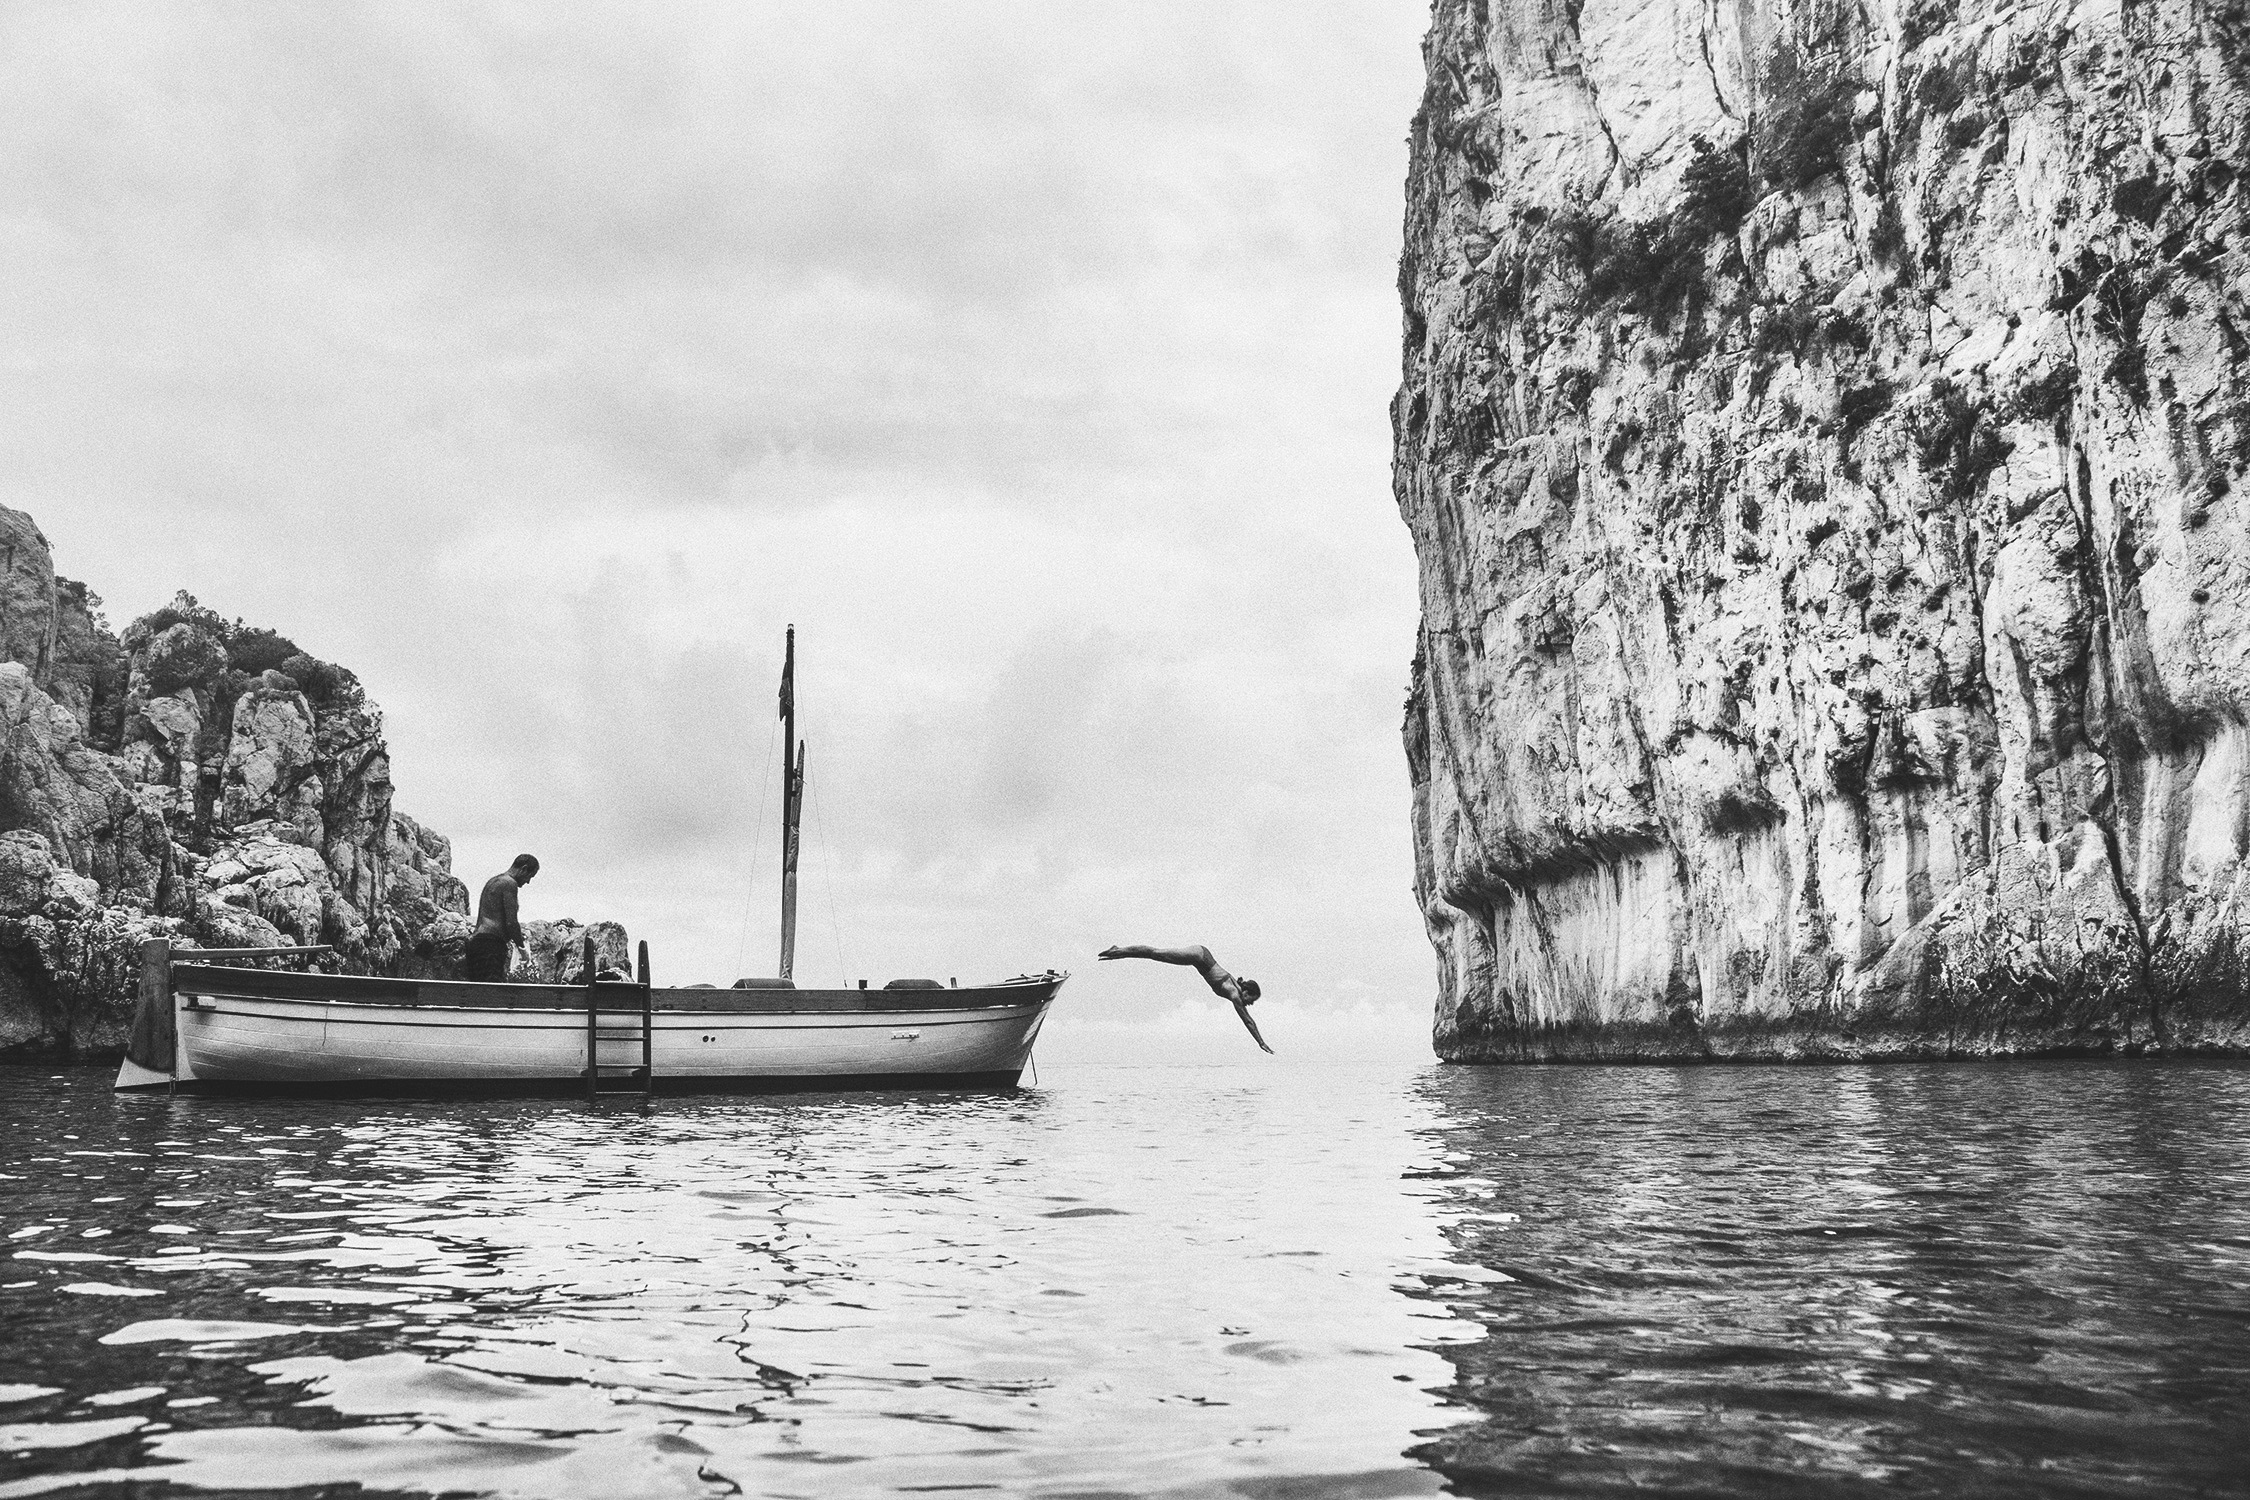 italian-boat_AaronHaxton-7665